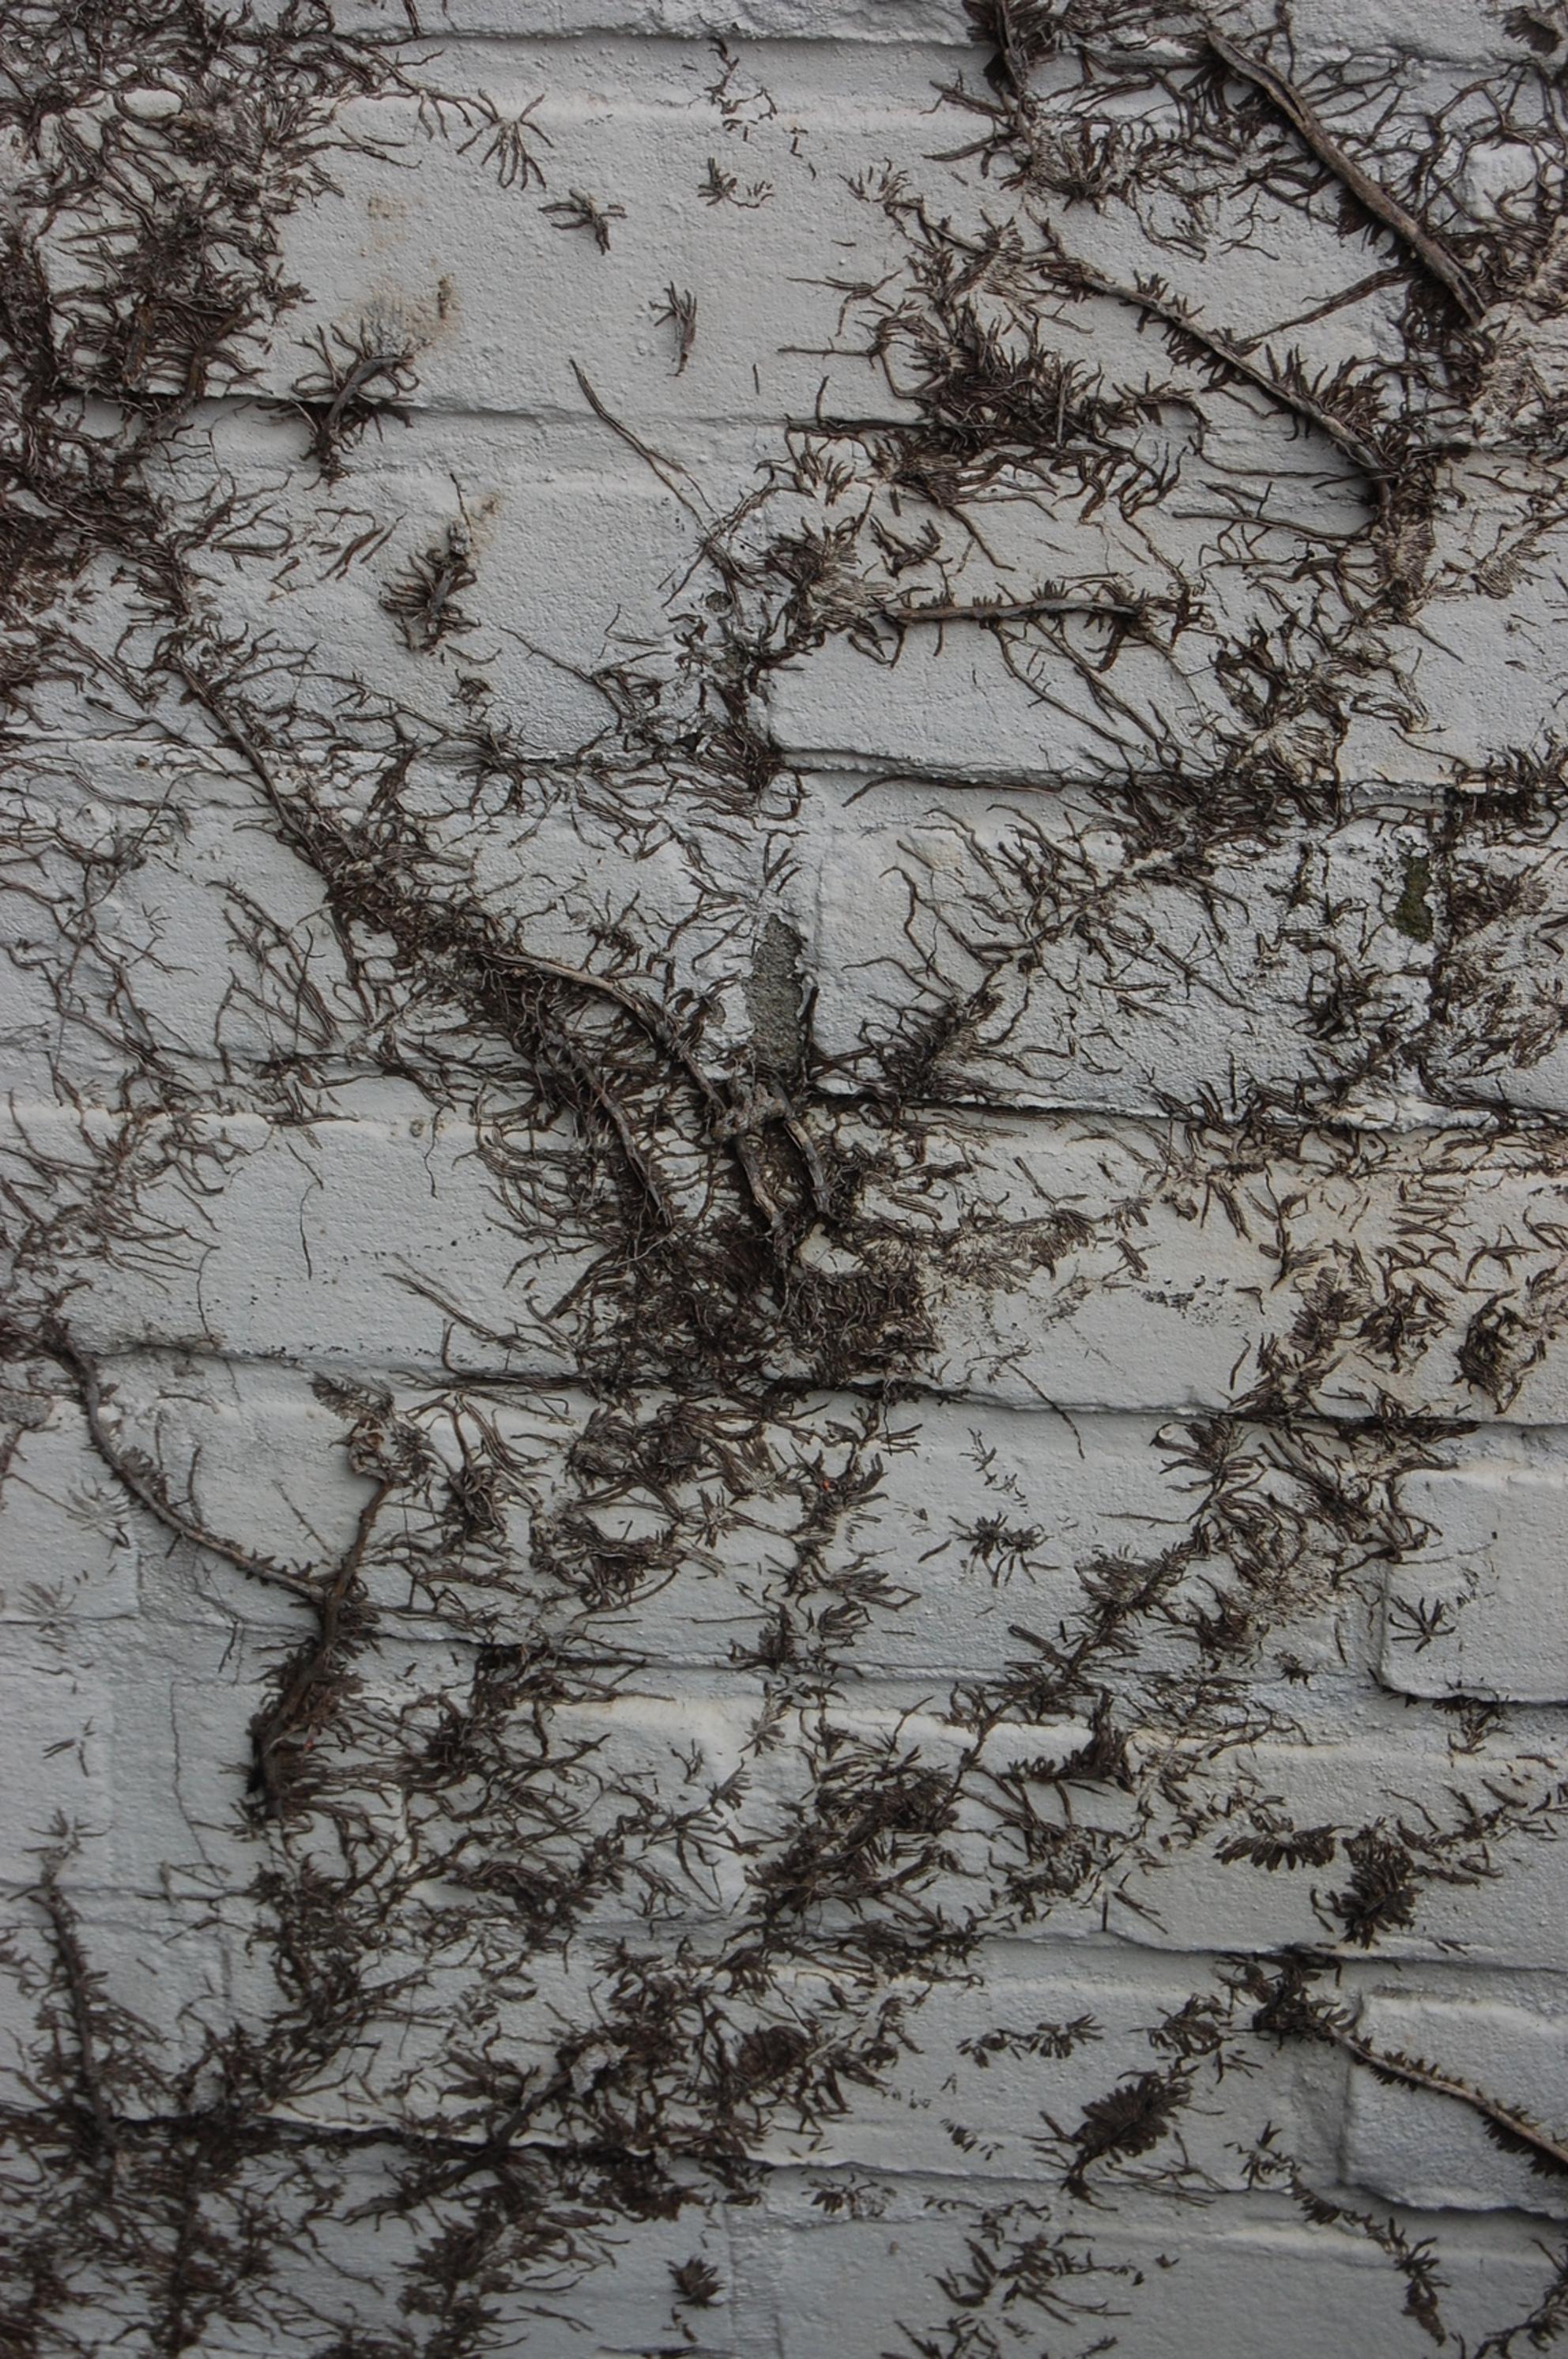 Begroeide muur - Hier een foto van een eens zo mooi begroeide muur. De planten zijn eraf en dit de overblijfselen. - foto door Buffalo op 14-02-2009 - deze foto bevat: klimop, muur, begroeid